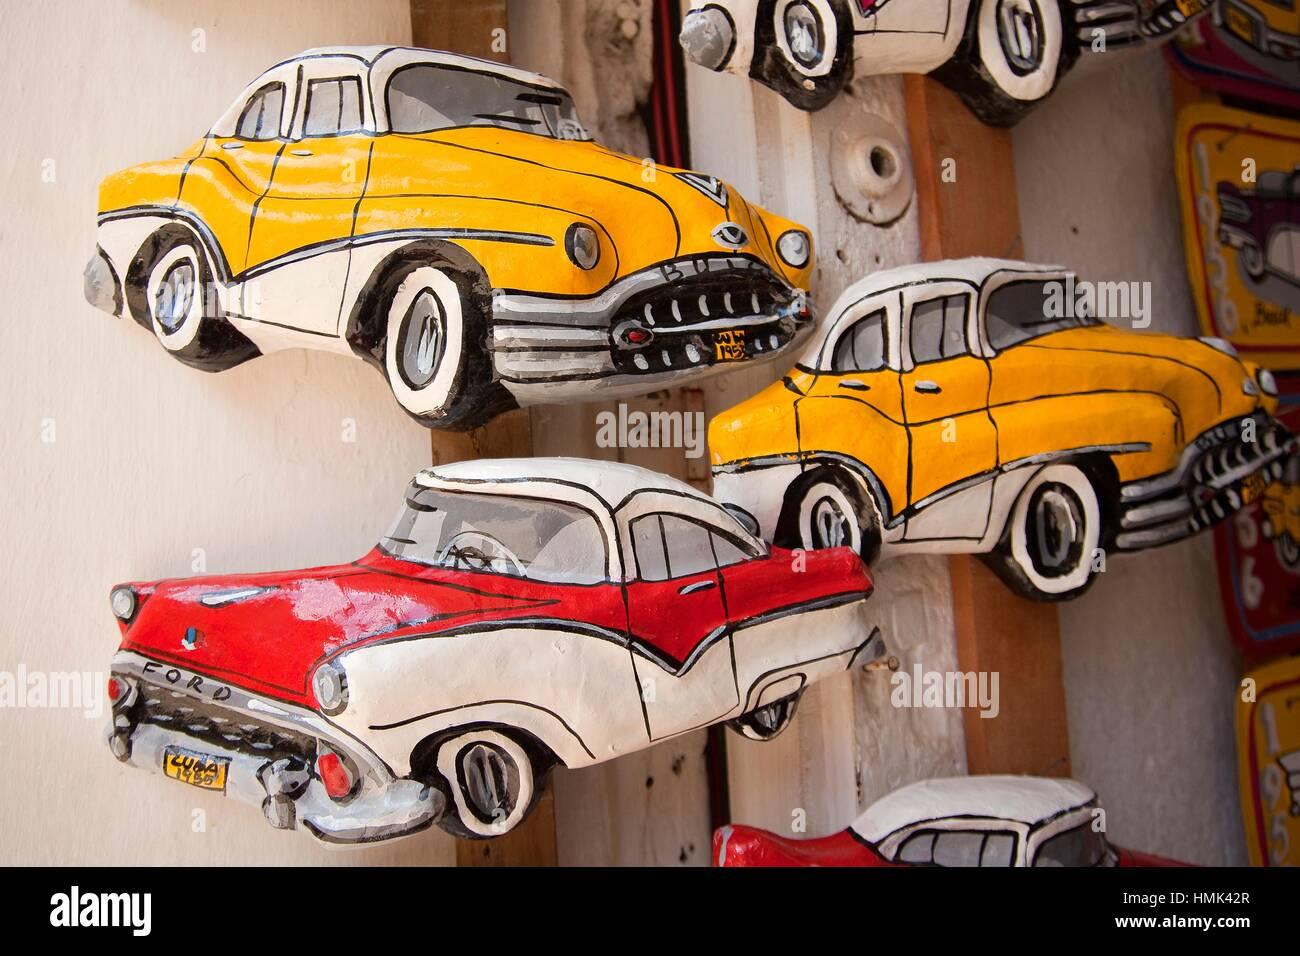 Malte papier Papiermache Modellautos am Eingang eines Ladens, Trinidad, Sanctí Spíritu Provinz, Kuba, Stockbild